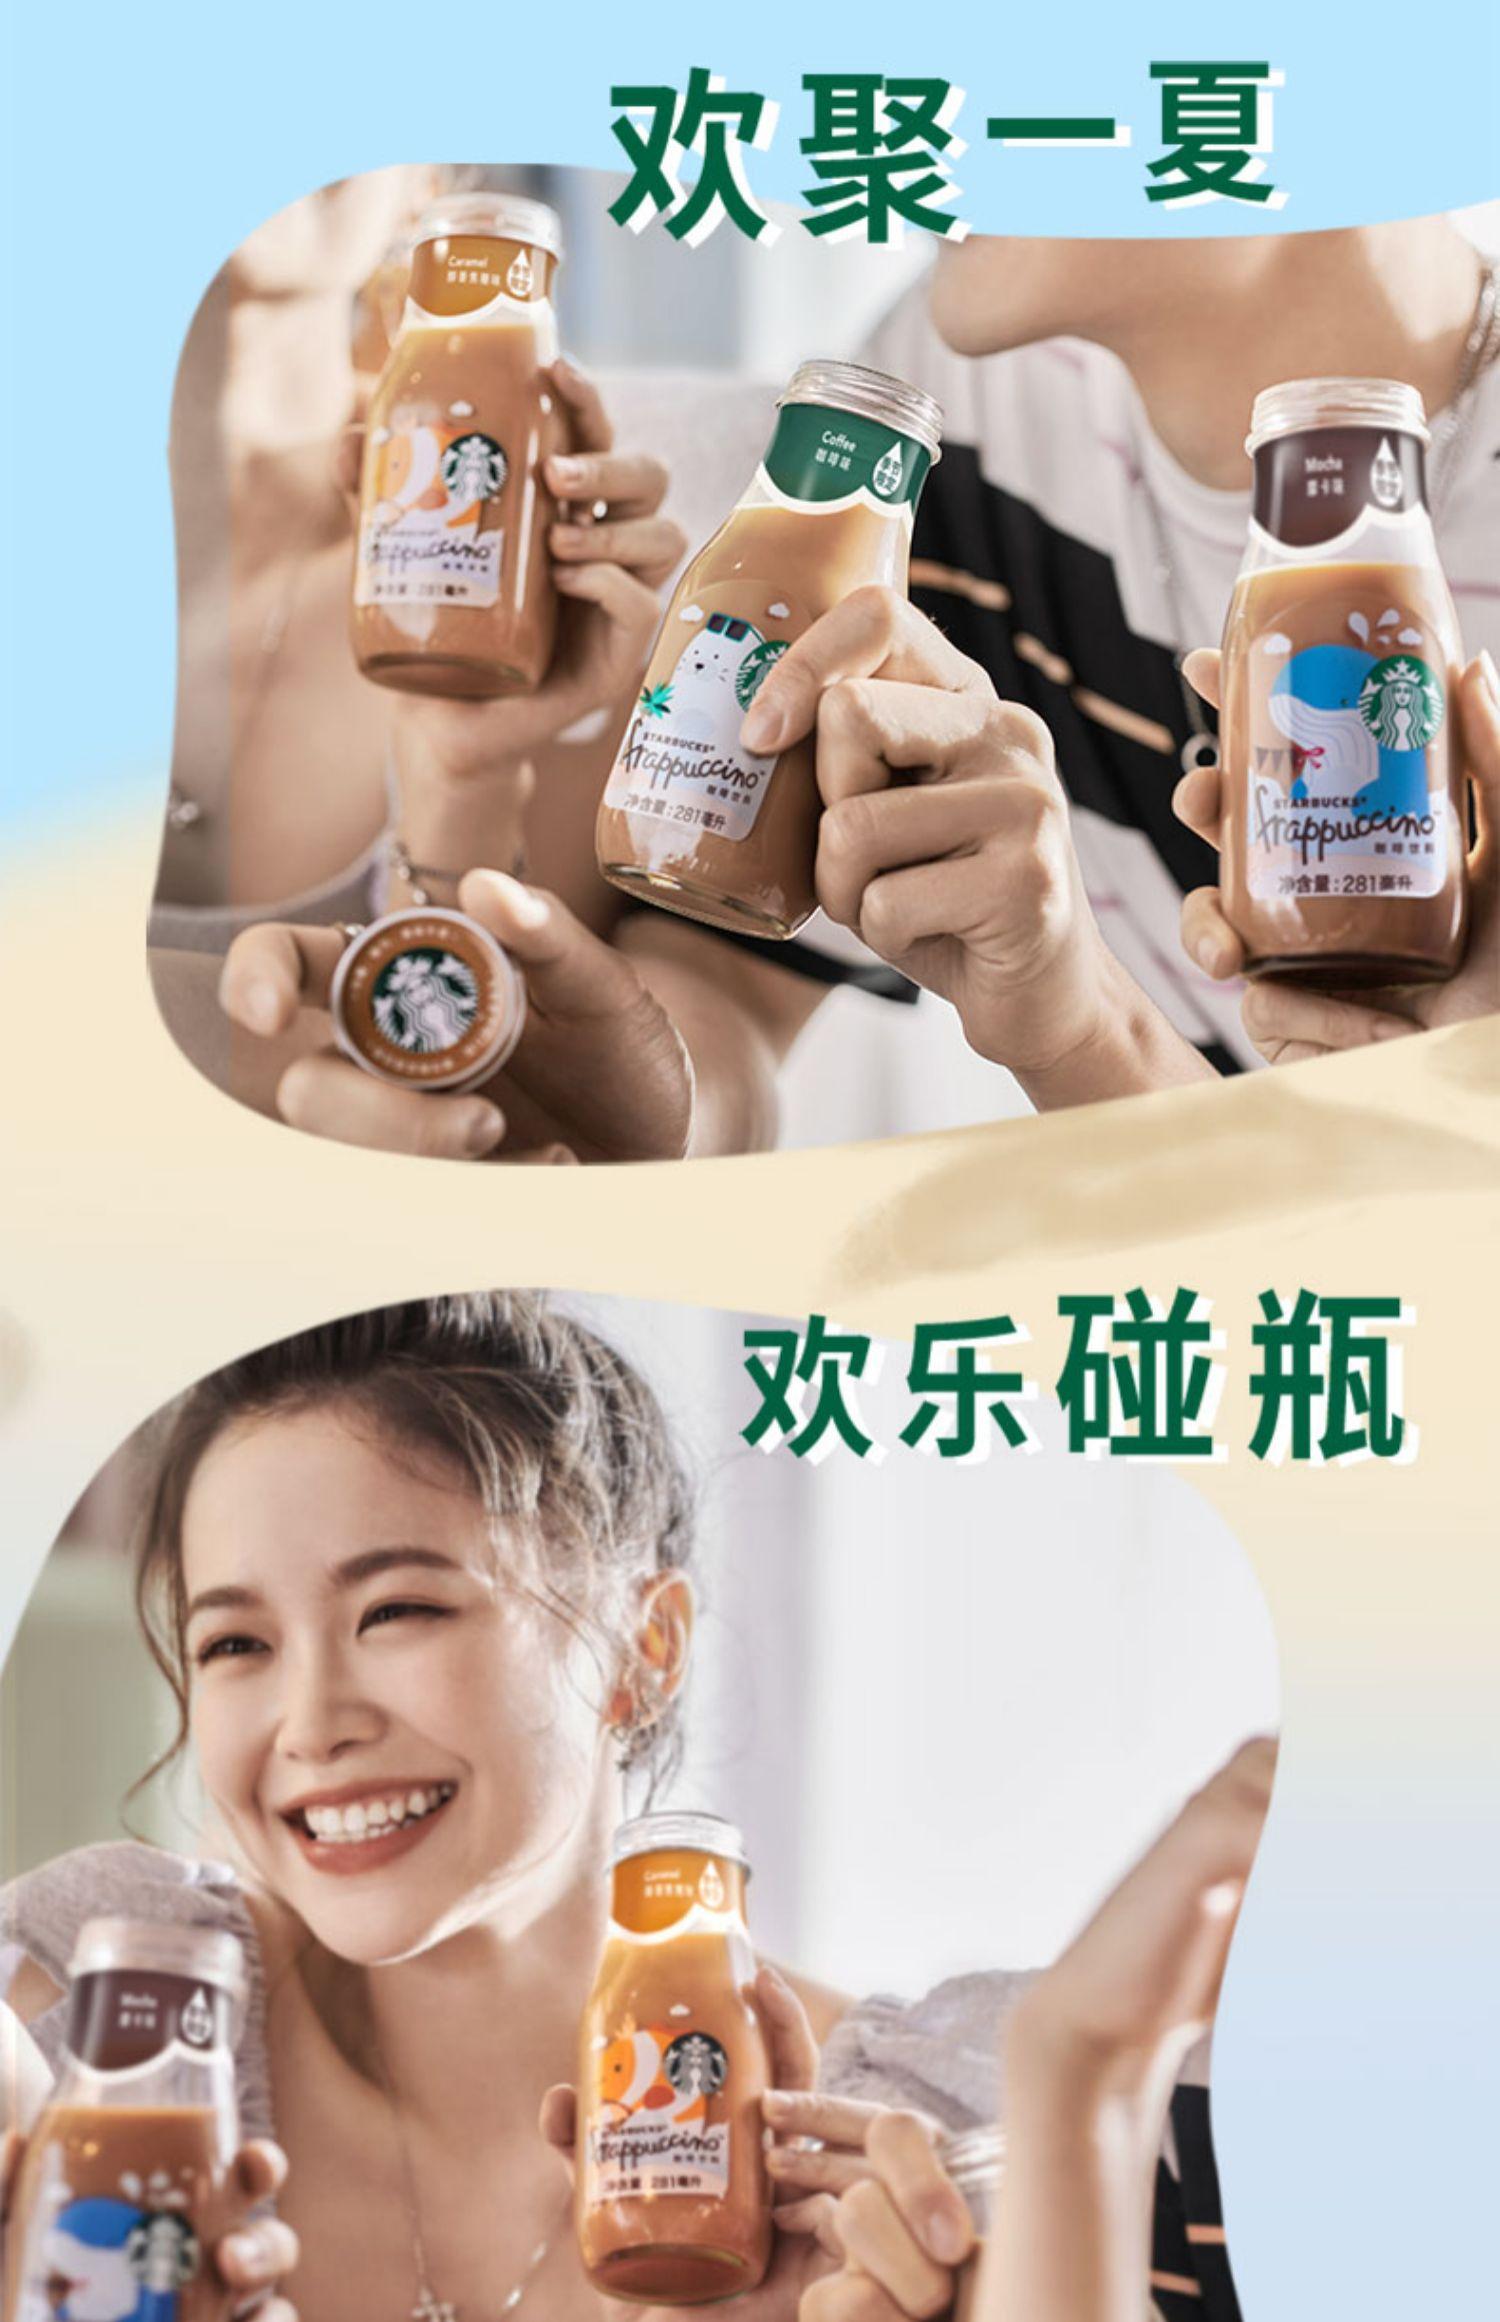 【星巴克】4瓶星冰乐海洋系列咖啡组合装8